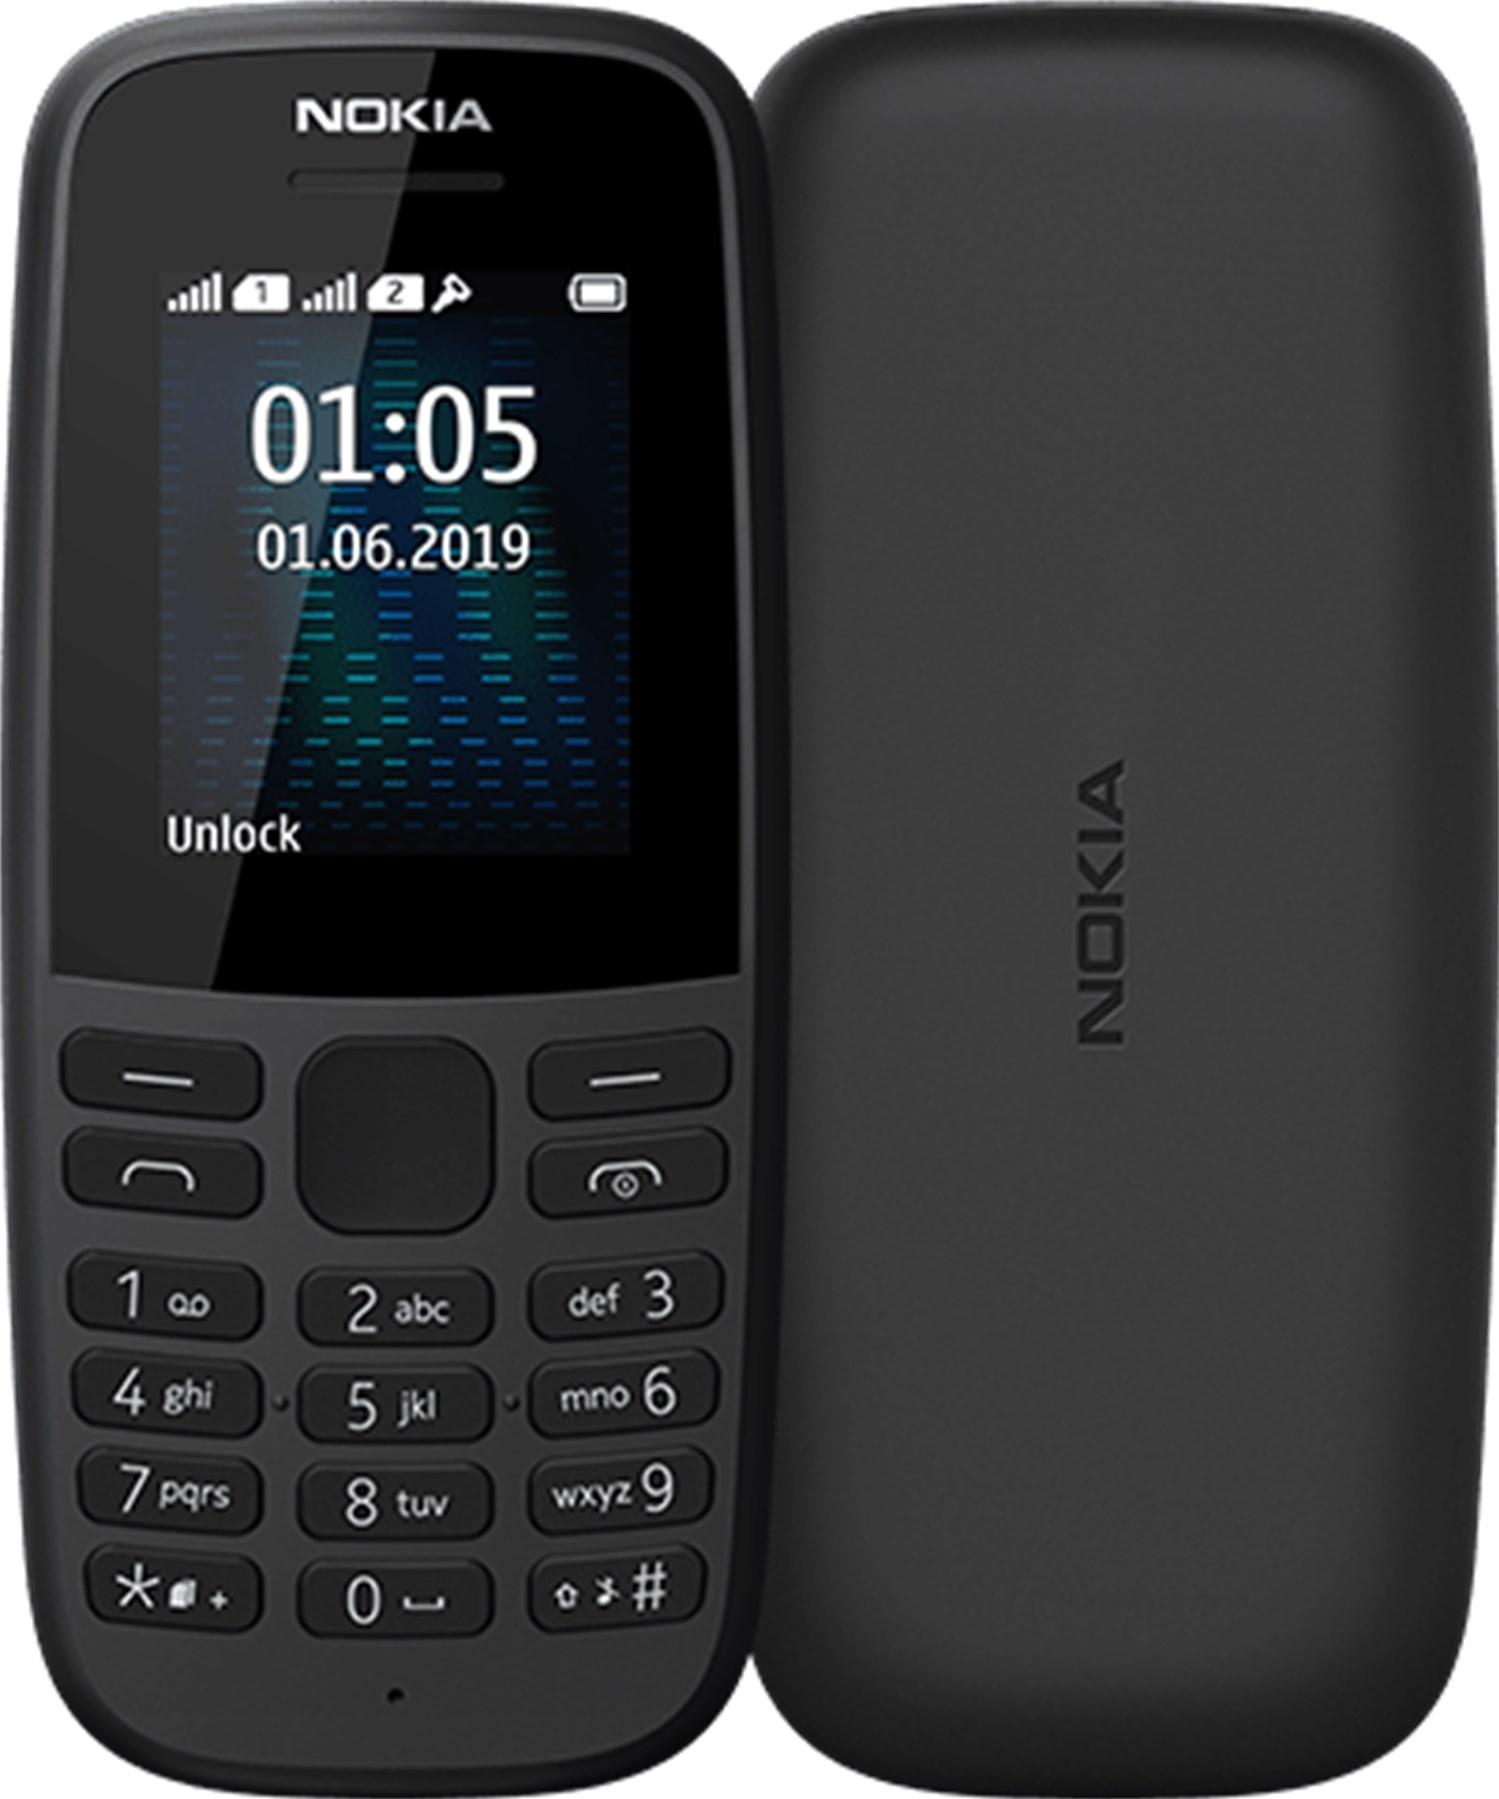 Nokia 105 Dualsim 2019 Black